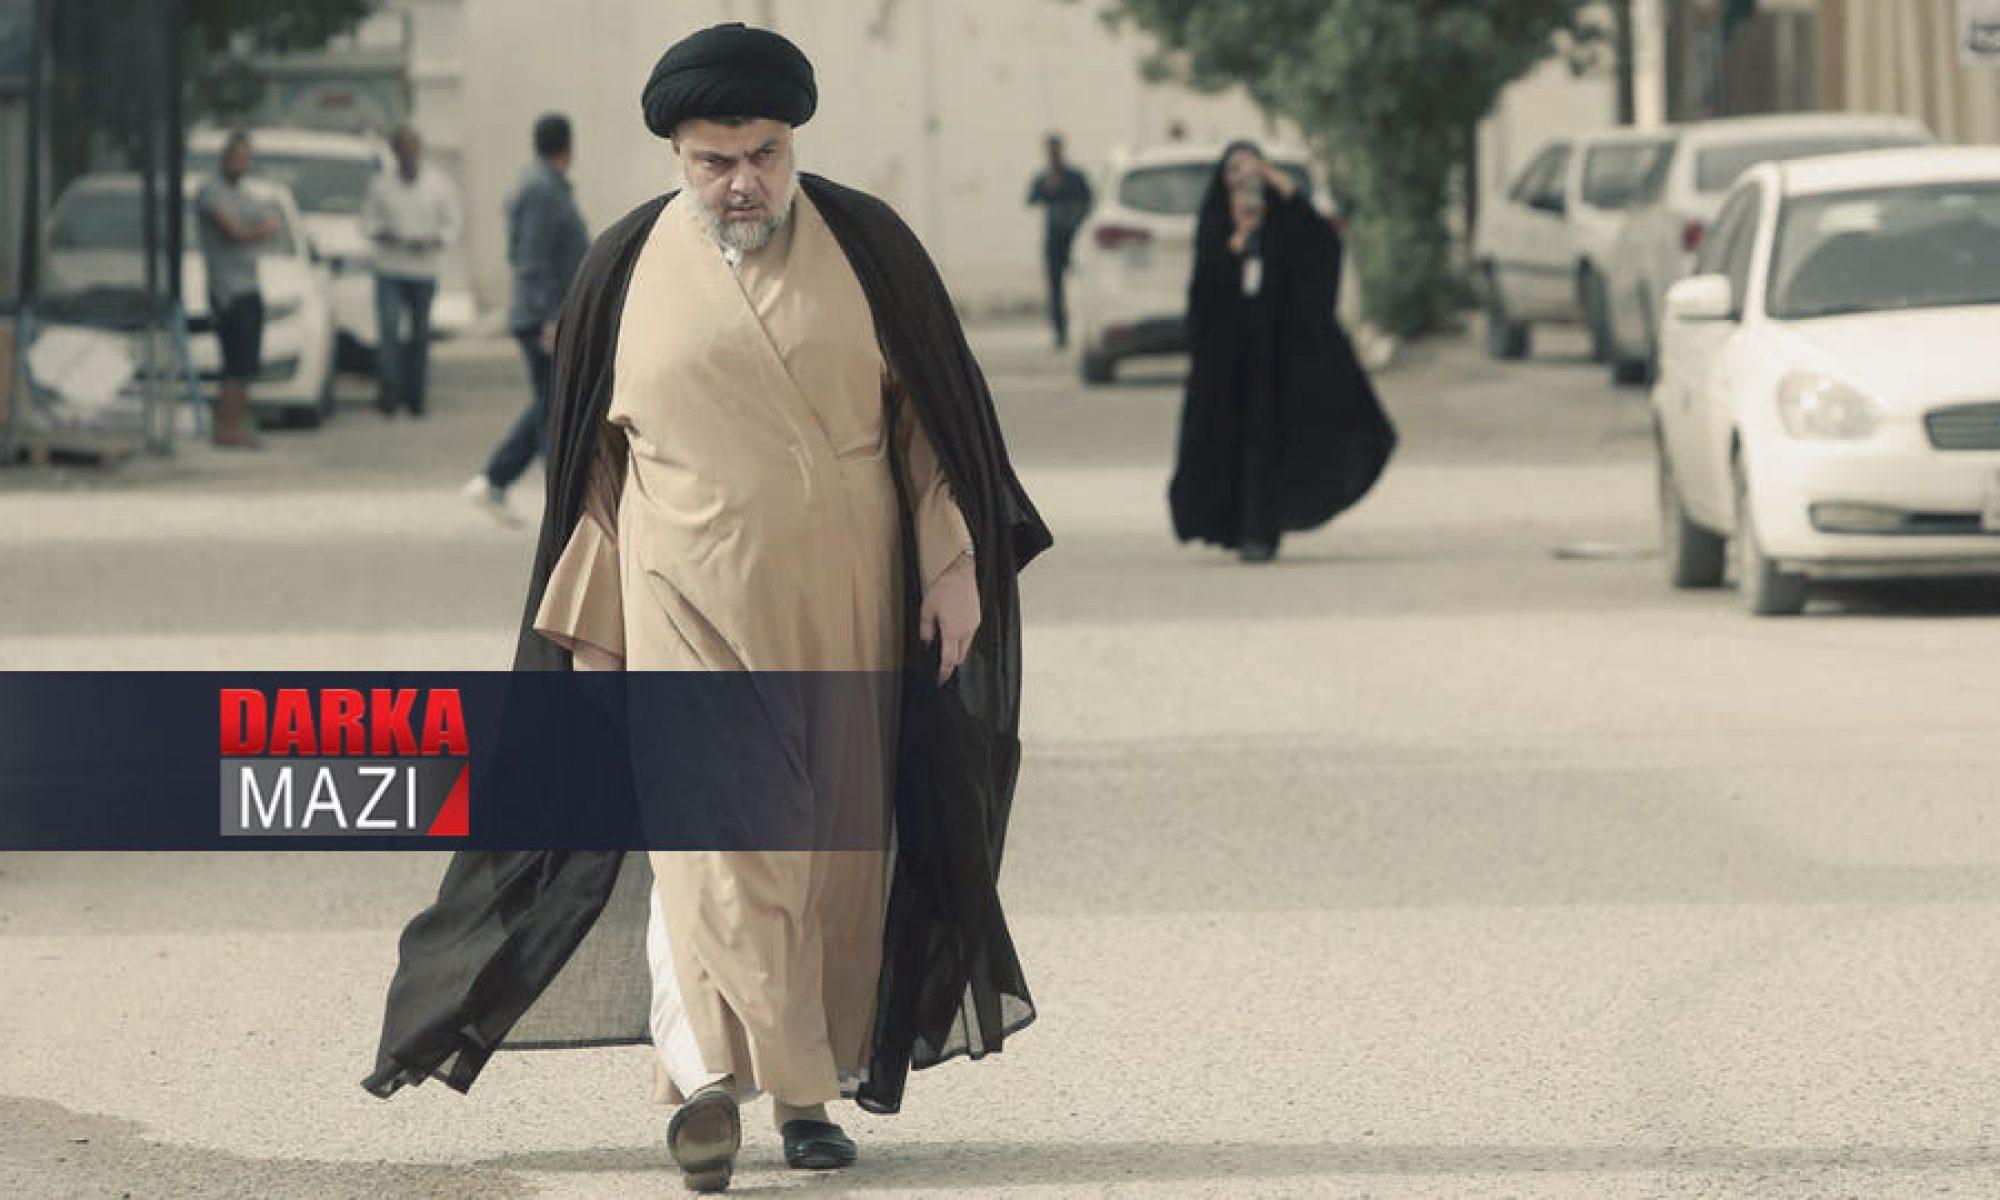 Irak'lı Şii lider Sadr'ın bürosuna dronlarla saldırı gerçekleştirildi